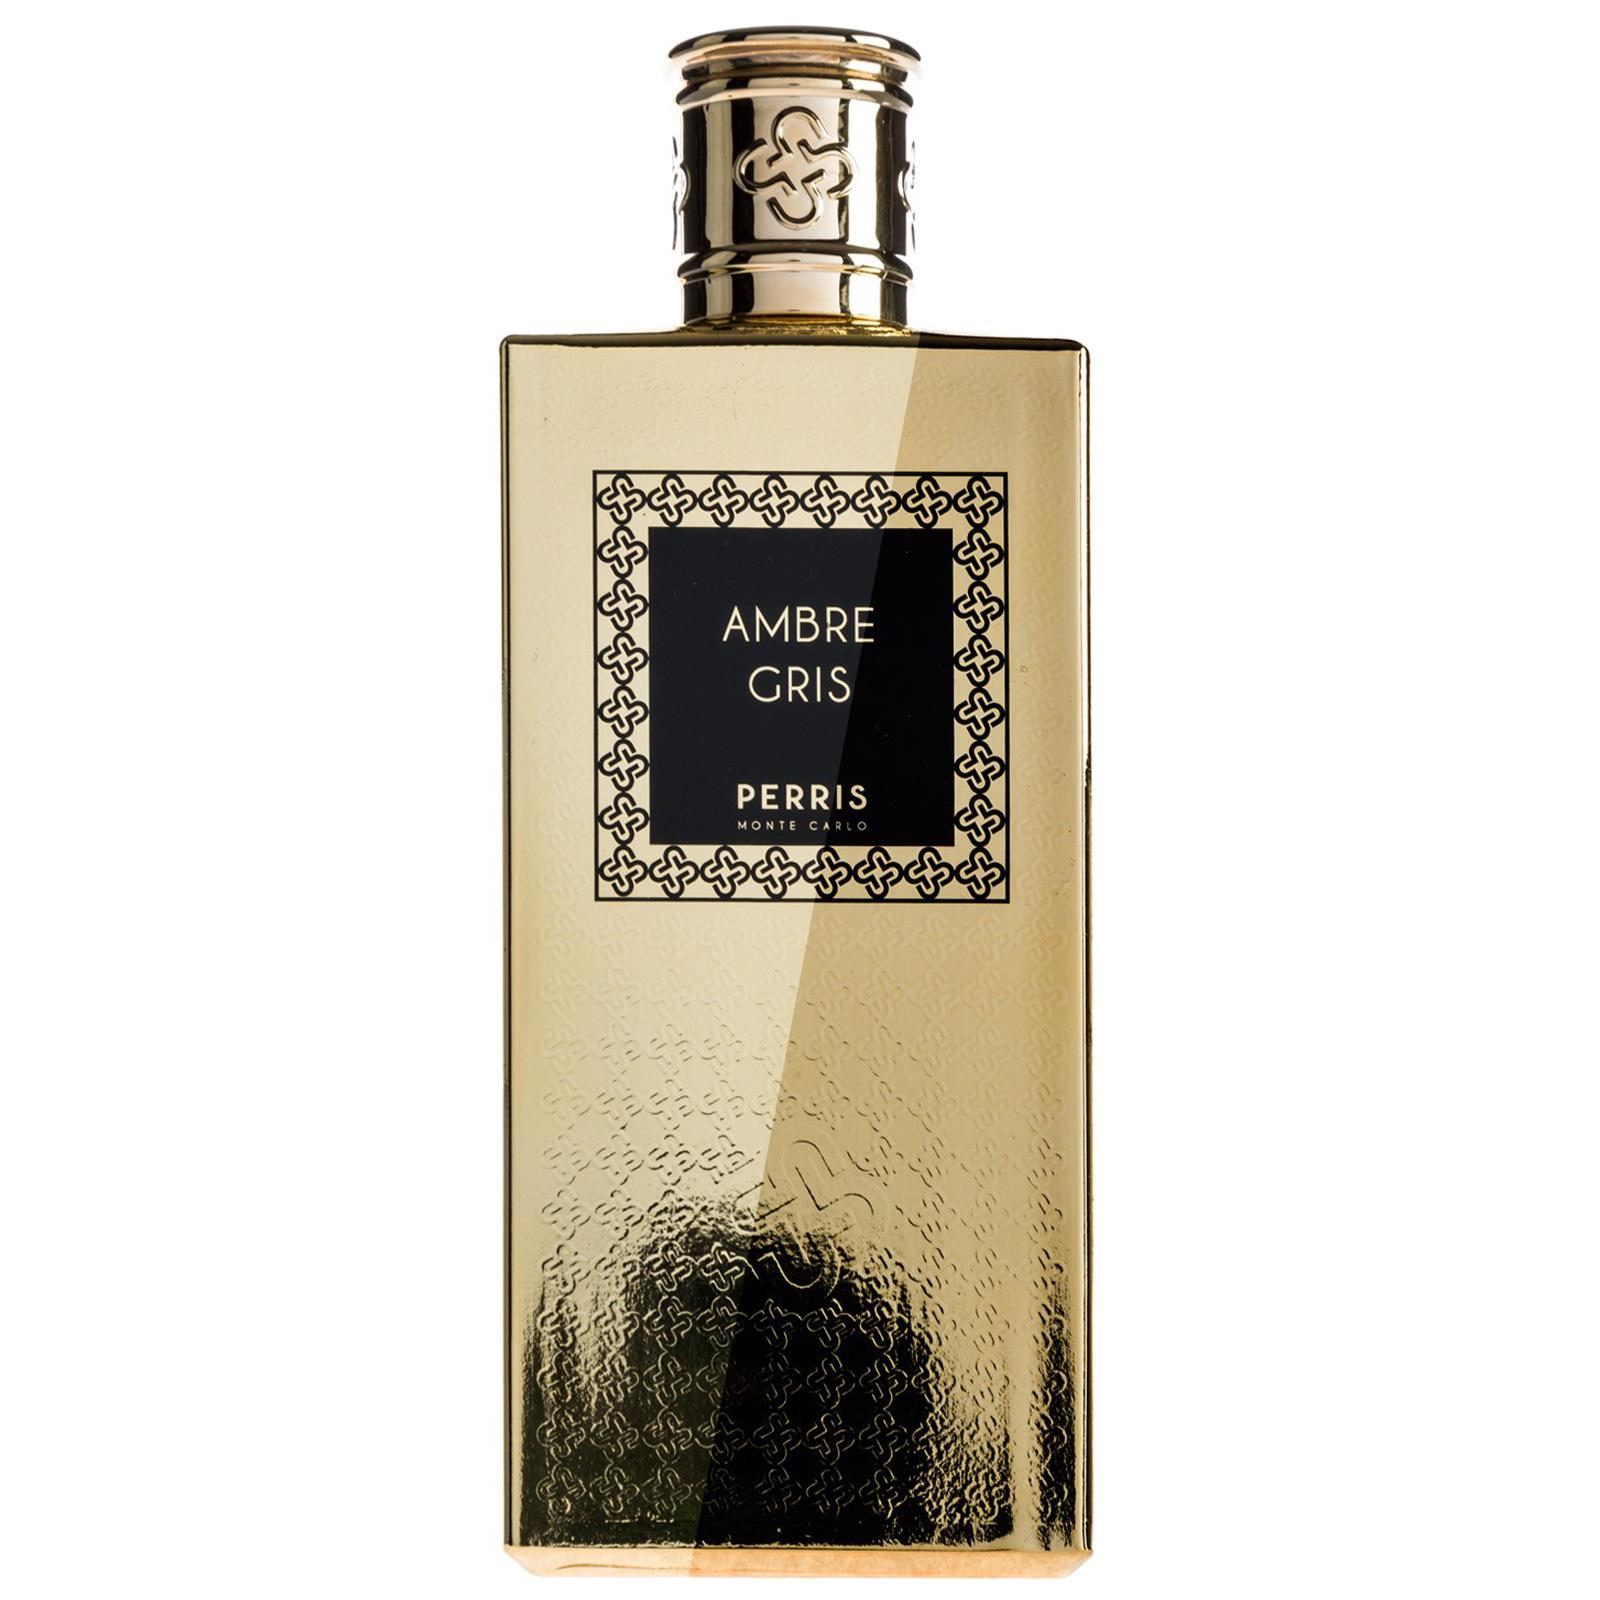 Ambre gris profumo eau de parfum 100 ml